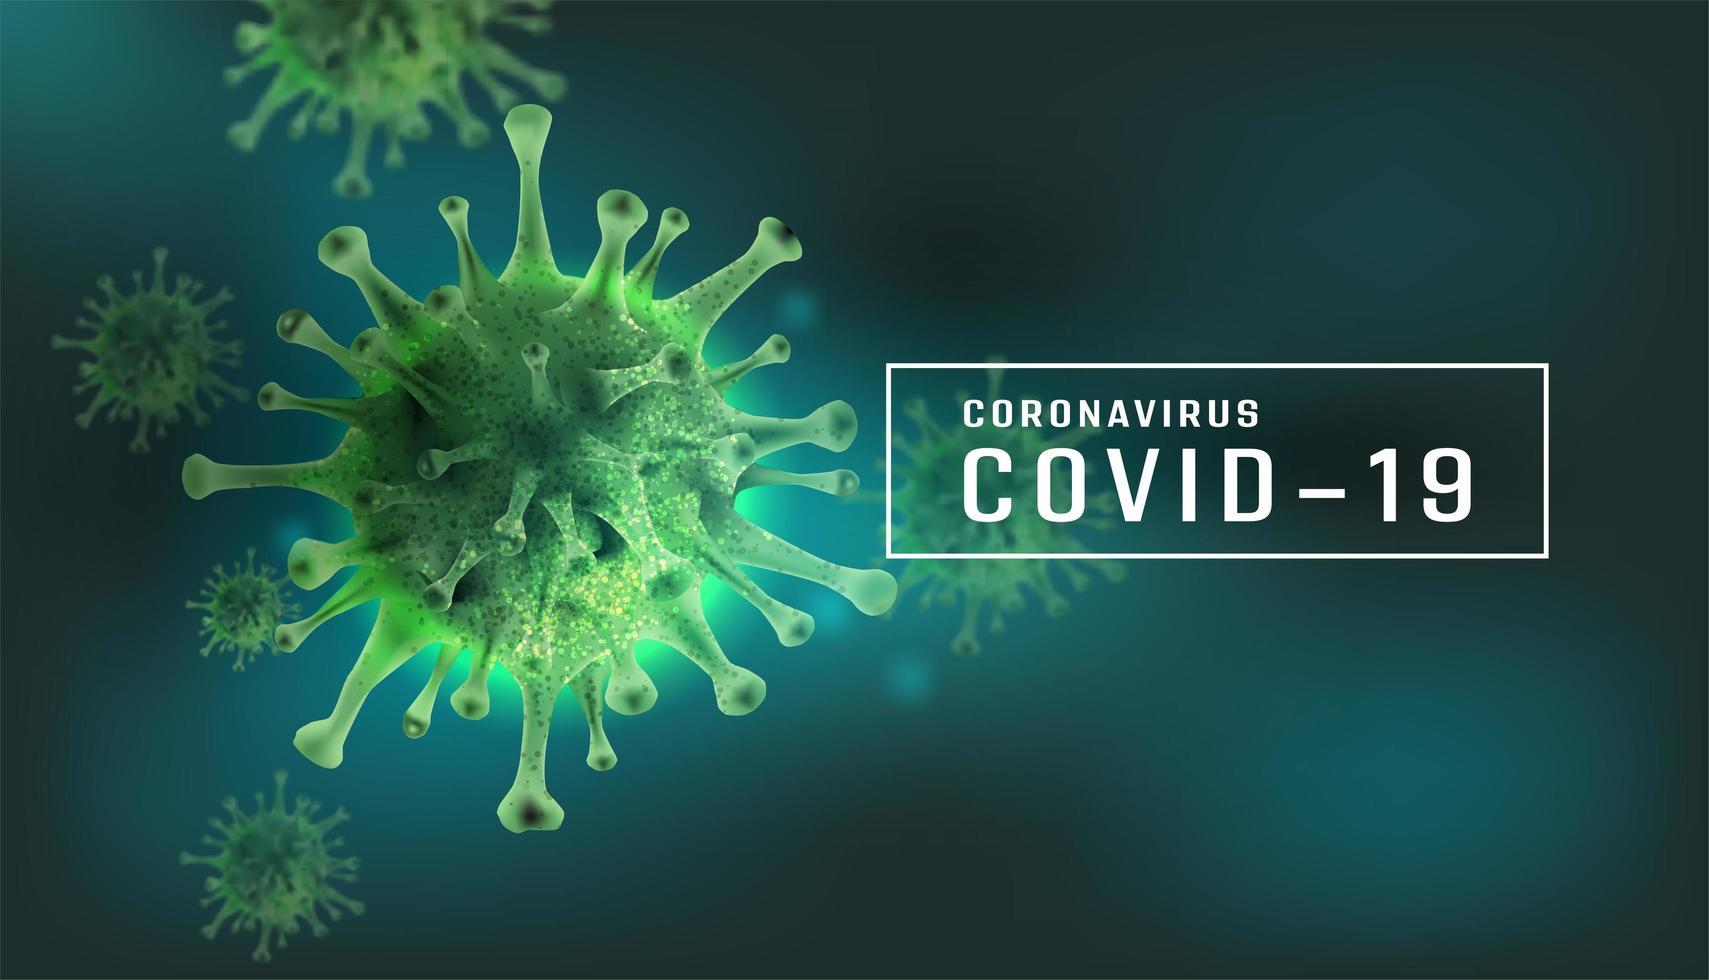 póster con elemento coronavirus para uso médico vector